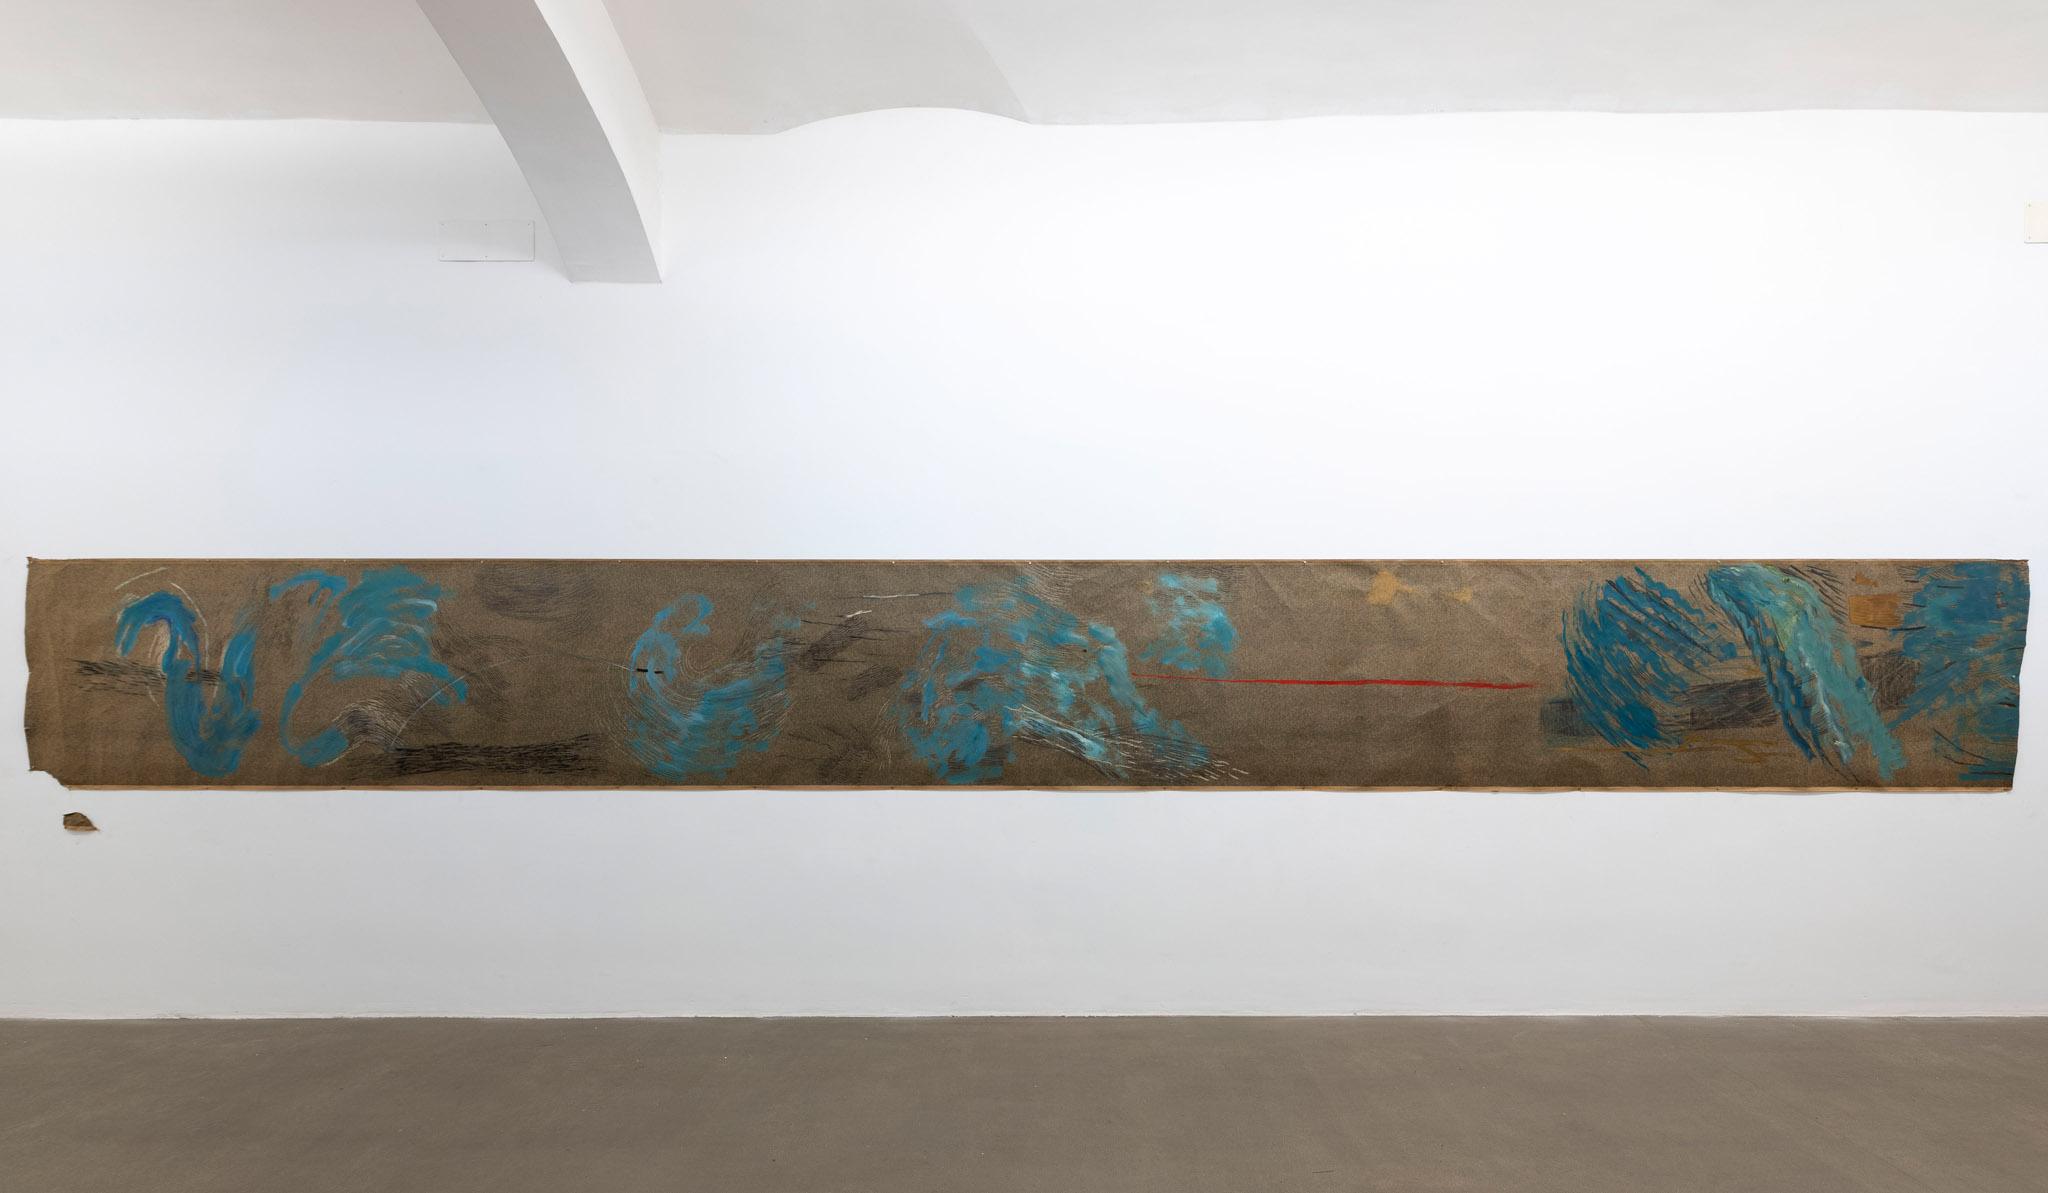 Acqua e ombre, 1998 Tecnica mista su carta catramata; 868 x 101 cm;  foto: Giorgio Benni.  Courtesy l'artista e Monitor Roma, Lisbona, Pereto